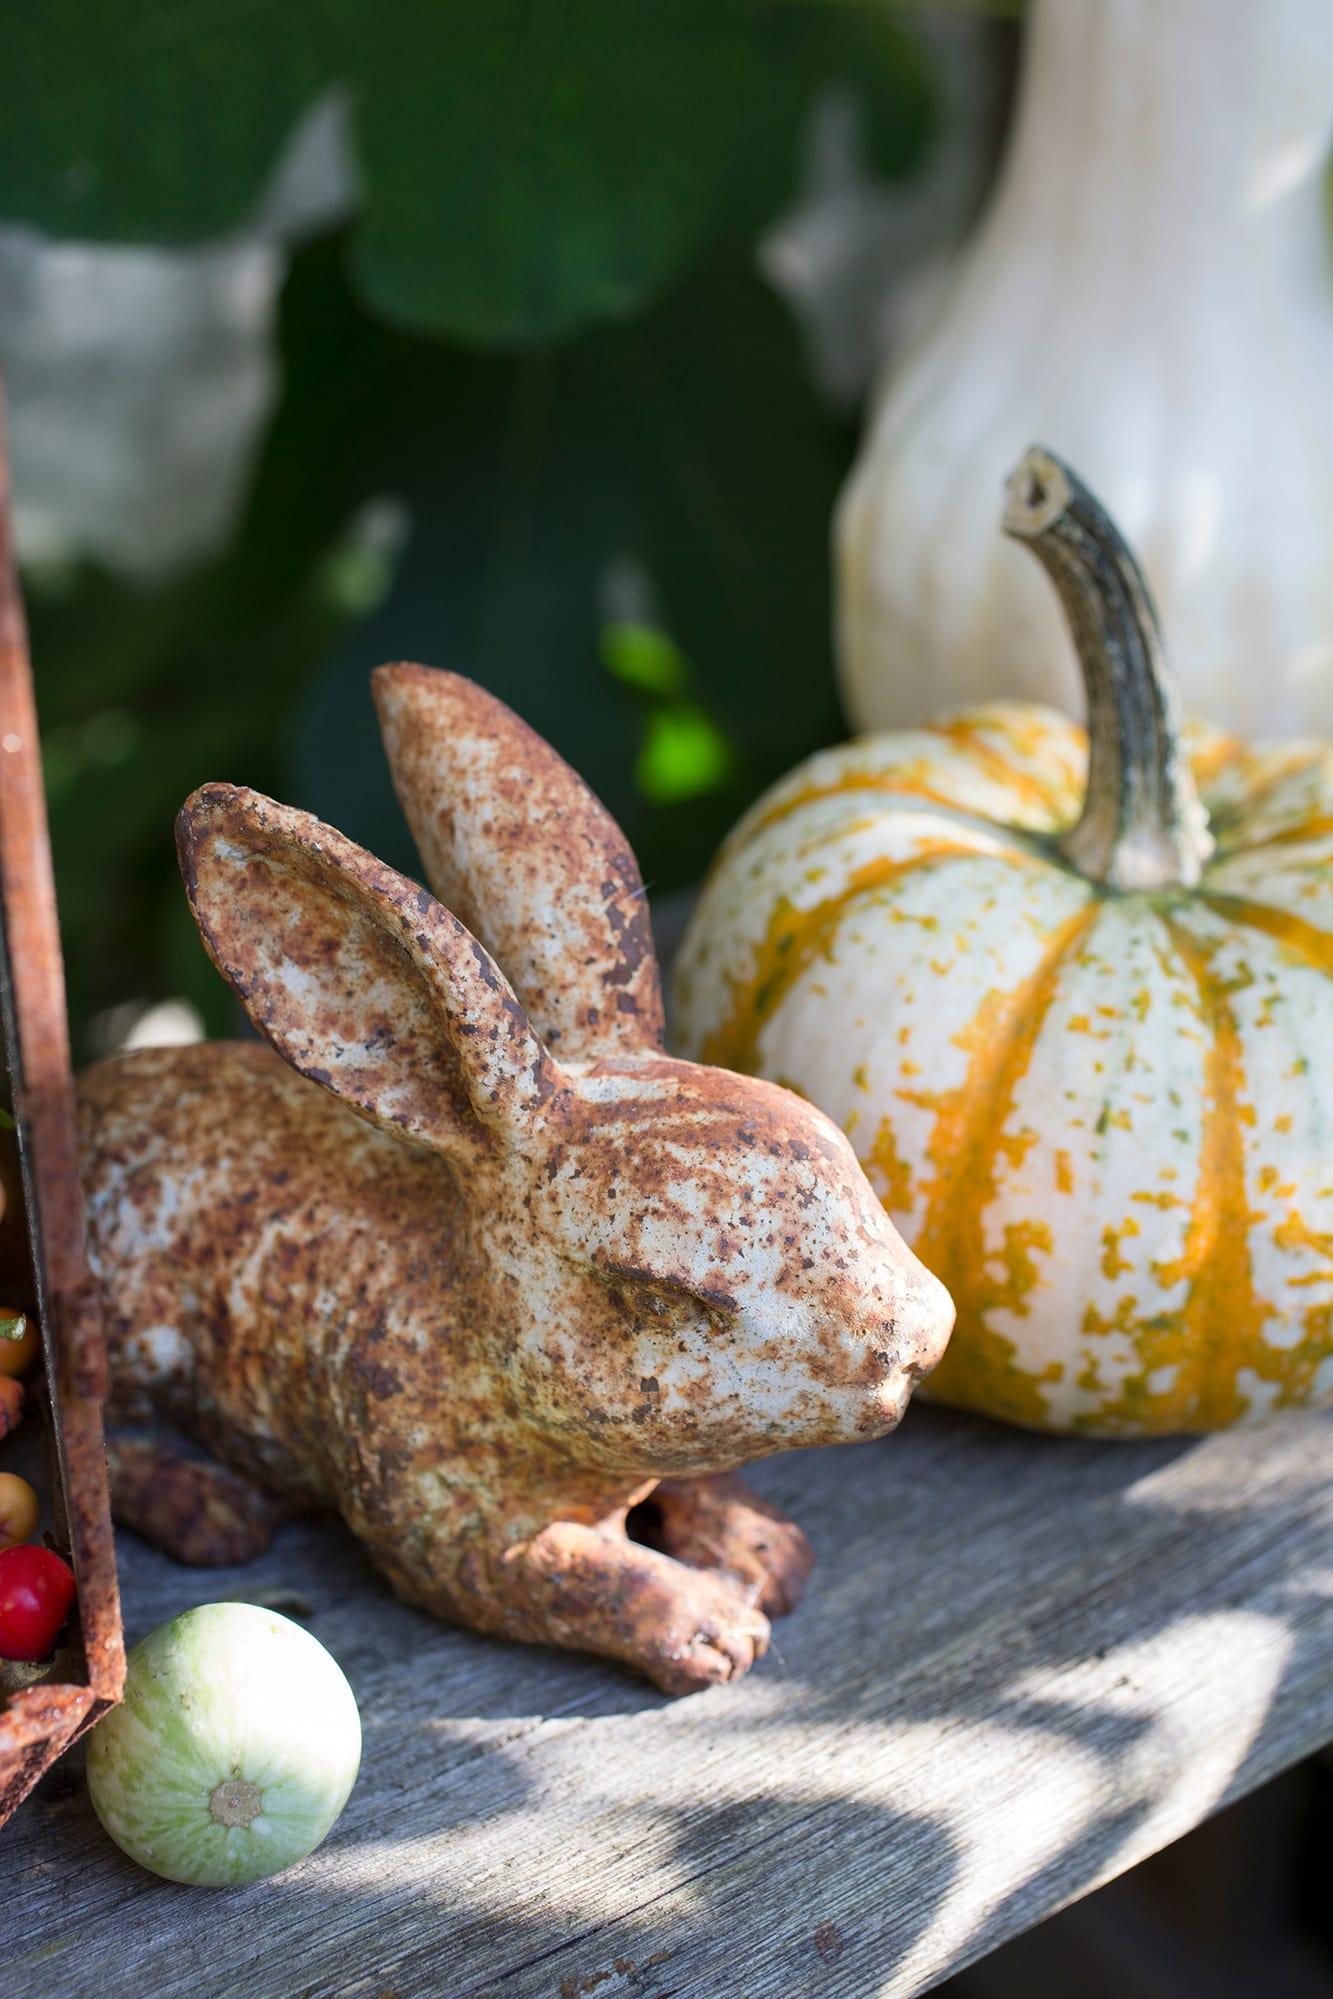 Den lilla kaninen i gjutjärn har fått en vacker patina efter alla år i trädgården och solar sig gärna i sällskap av pumporna.